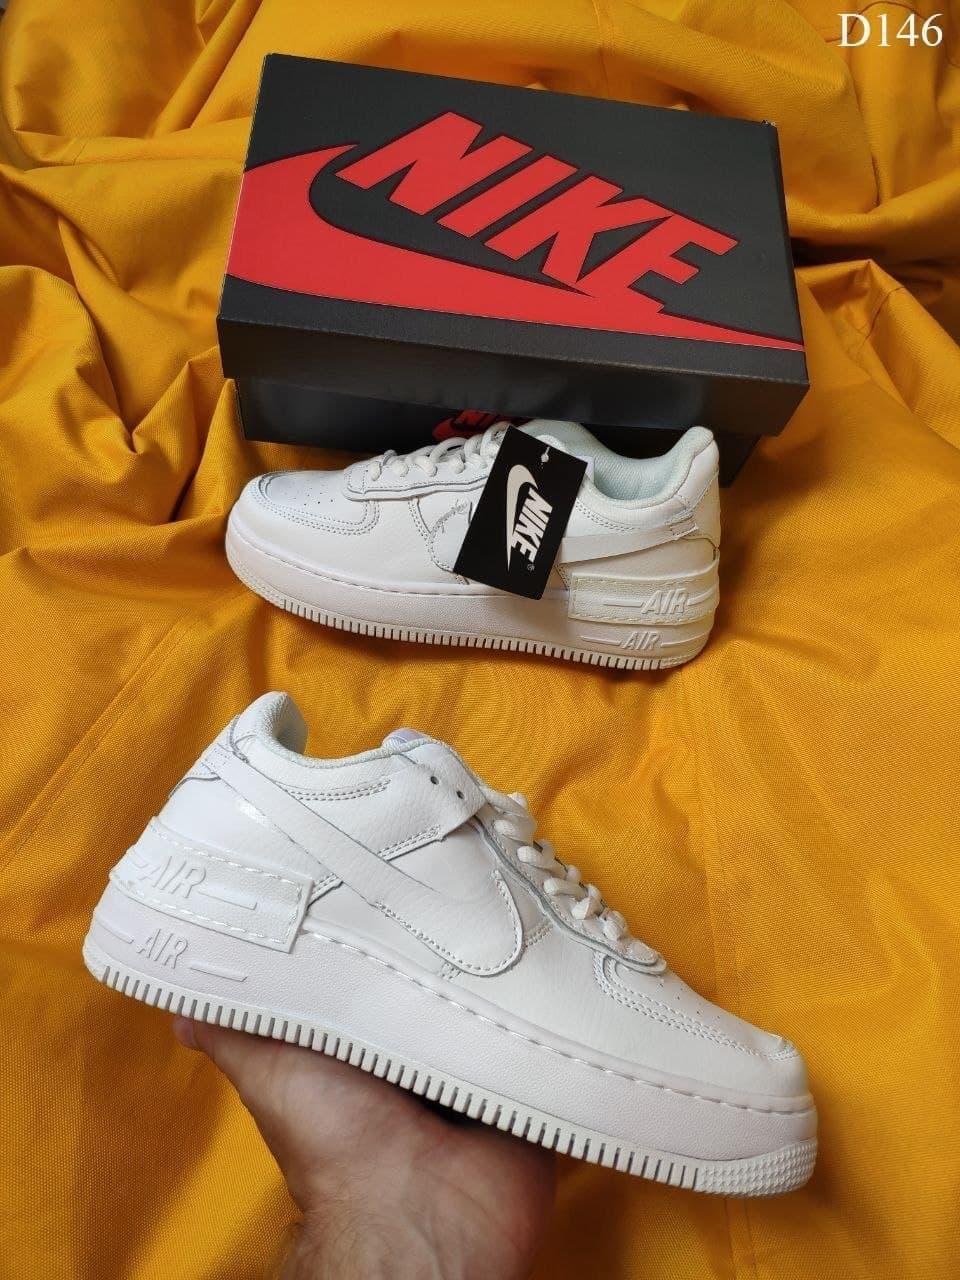 Жіночі кросівки Nike Air Force 1 Shadow (білі) D146 стильні молодіжні кроси